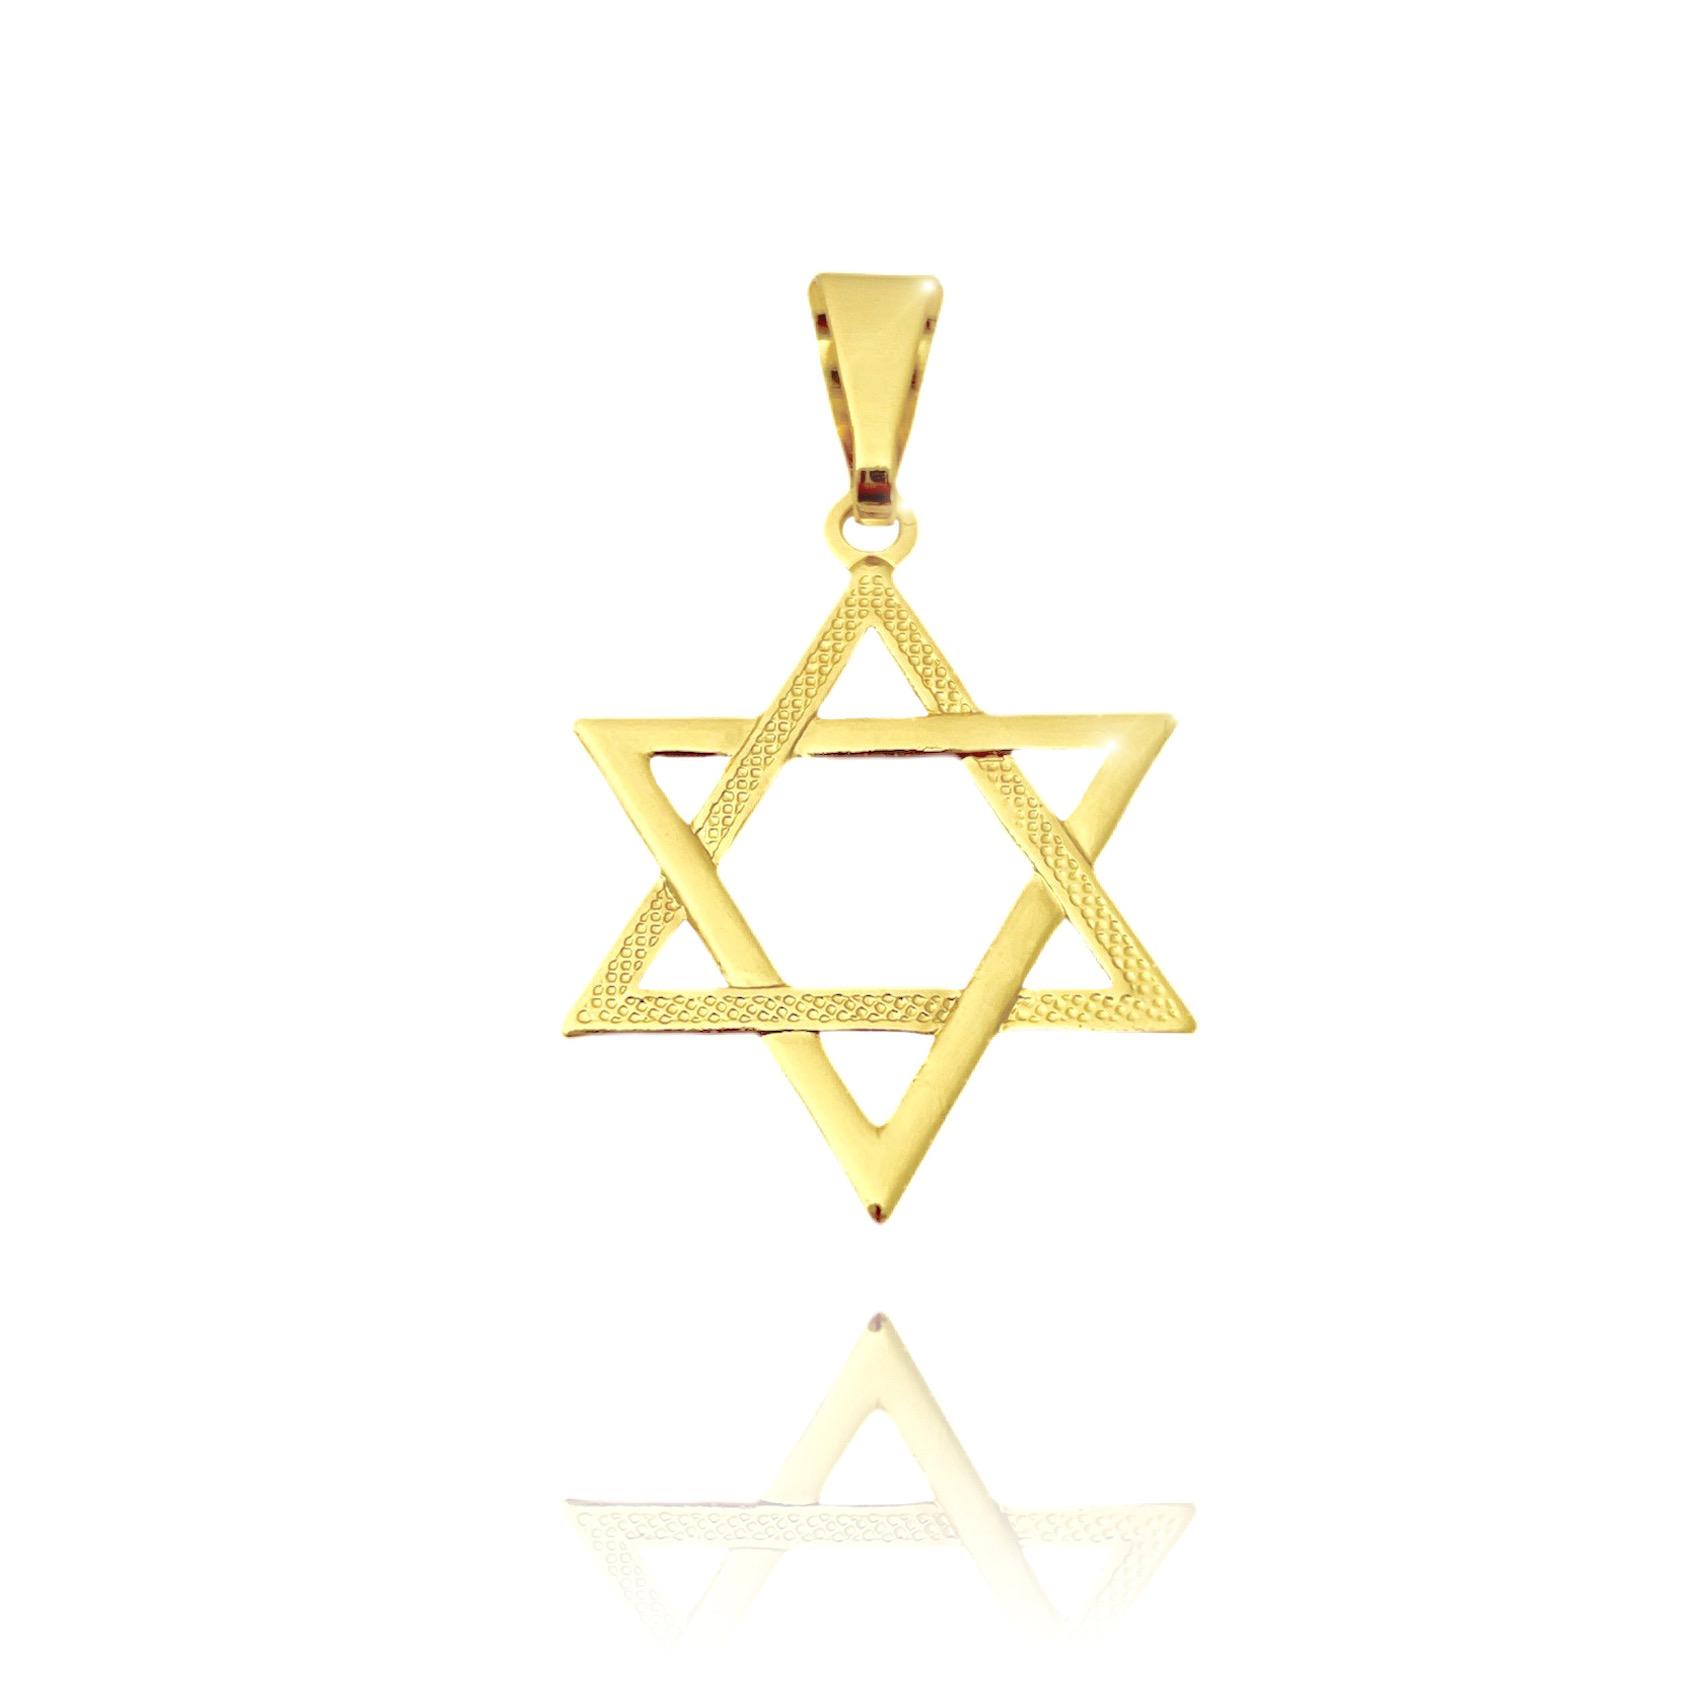 Pingente Estrela de Davi Vazada (2,6cmX2,1cm) (Banho Ouro 24k)